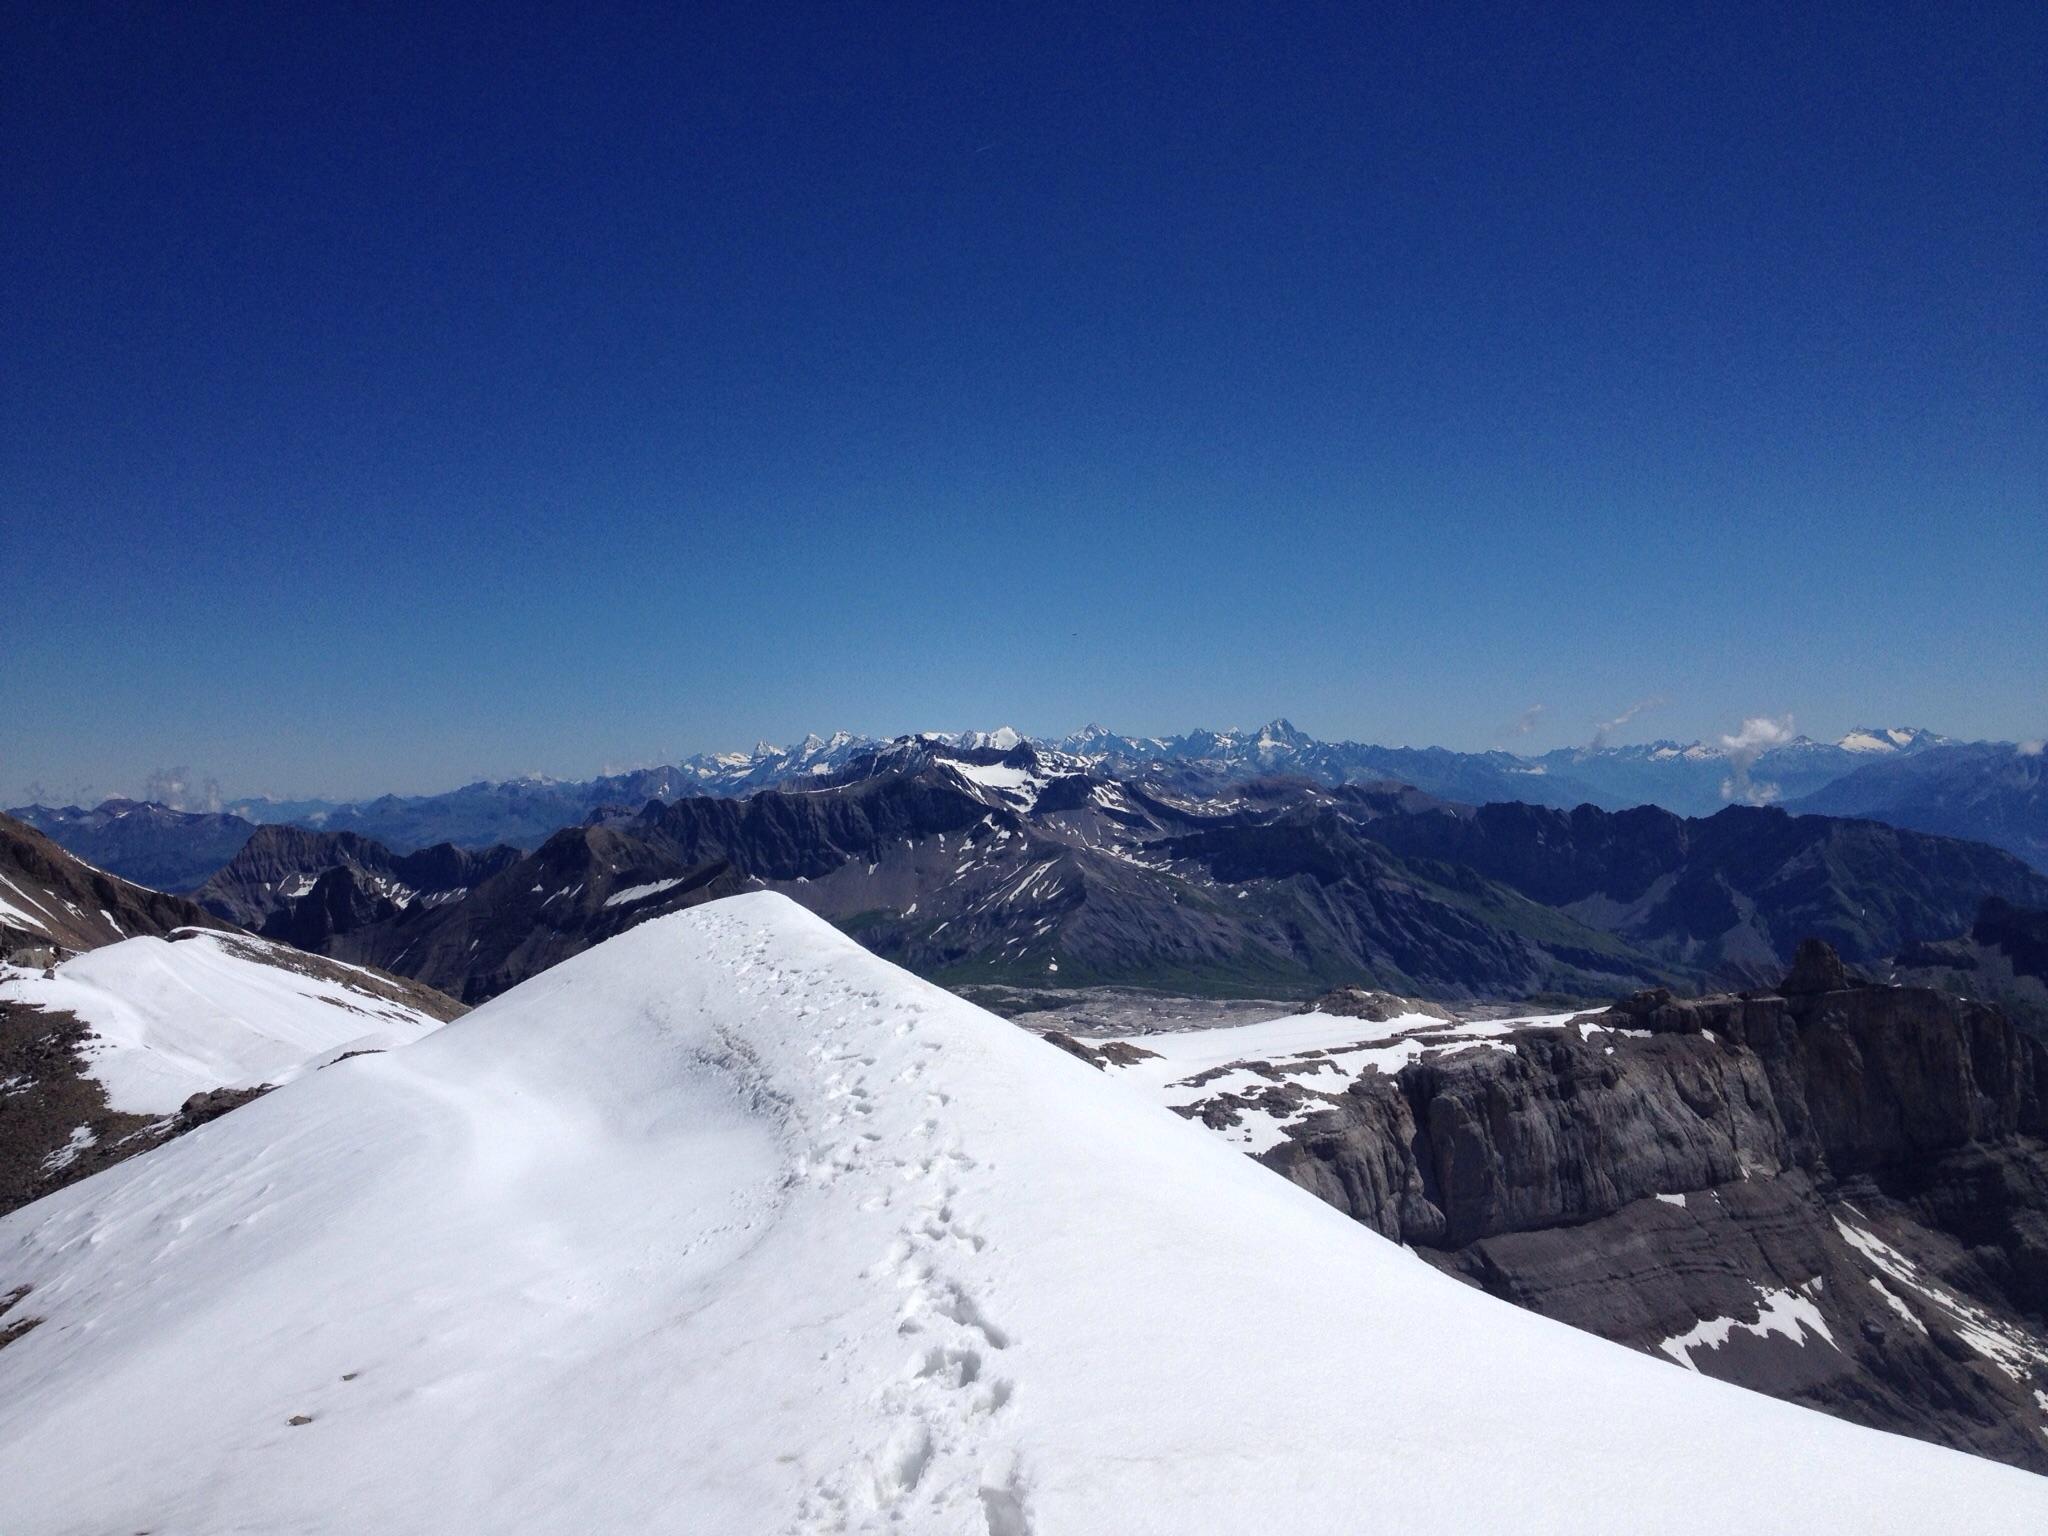 Der Blick vom Gipfelgrat zu den Berner Alpen